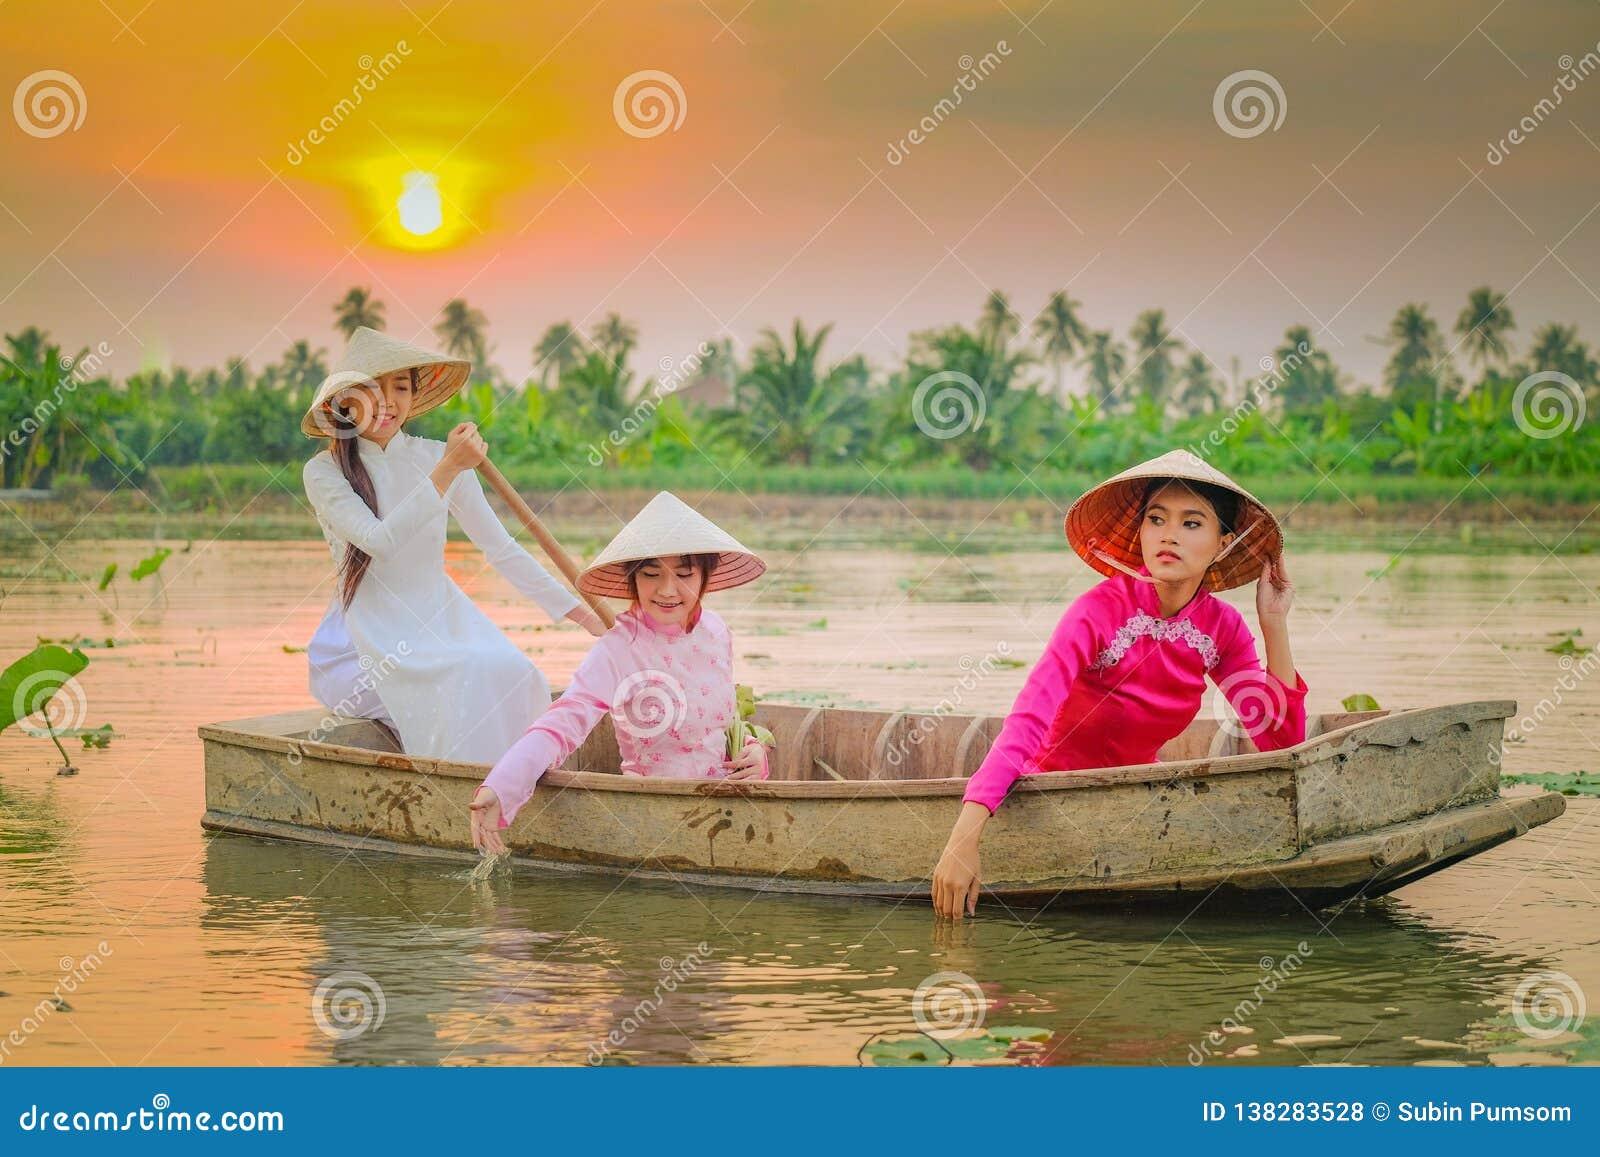 三个越南女孩在莲花庭院里荡桨